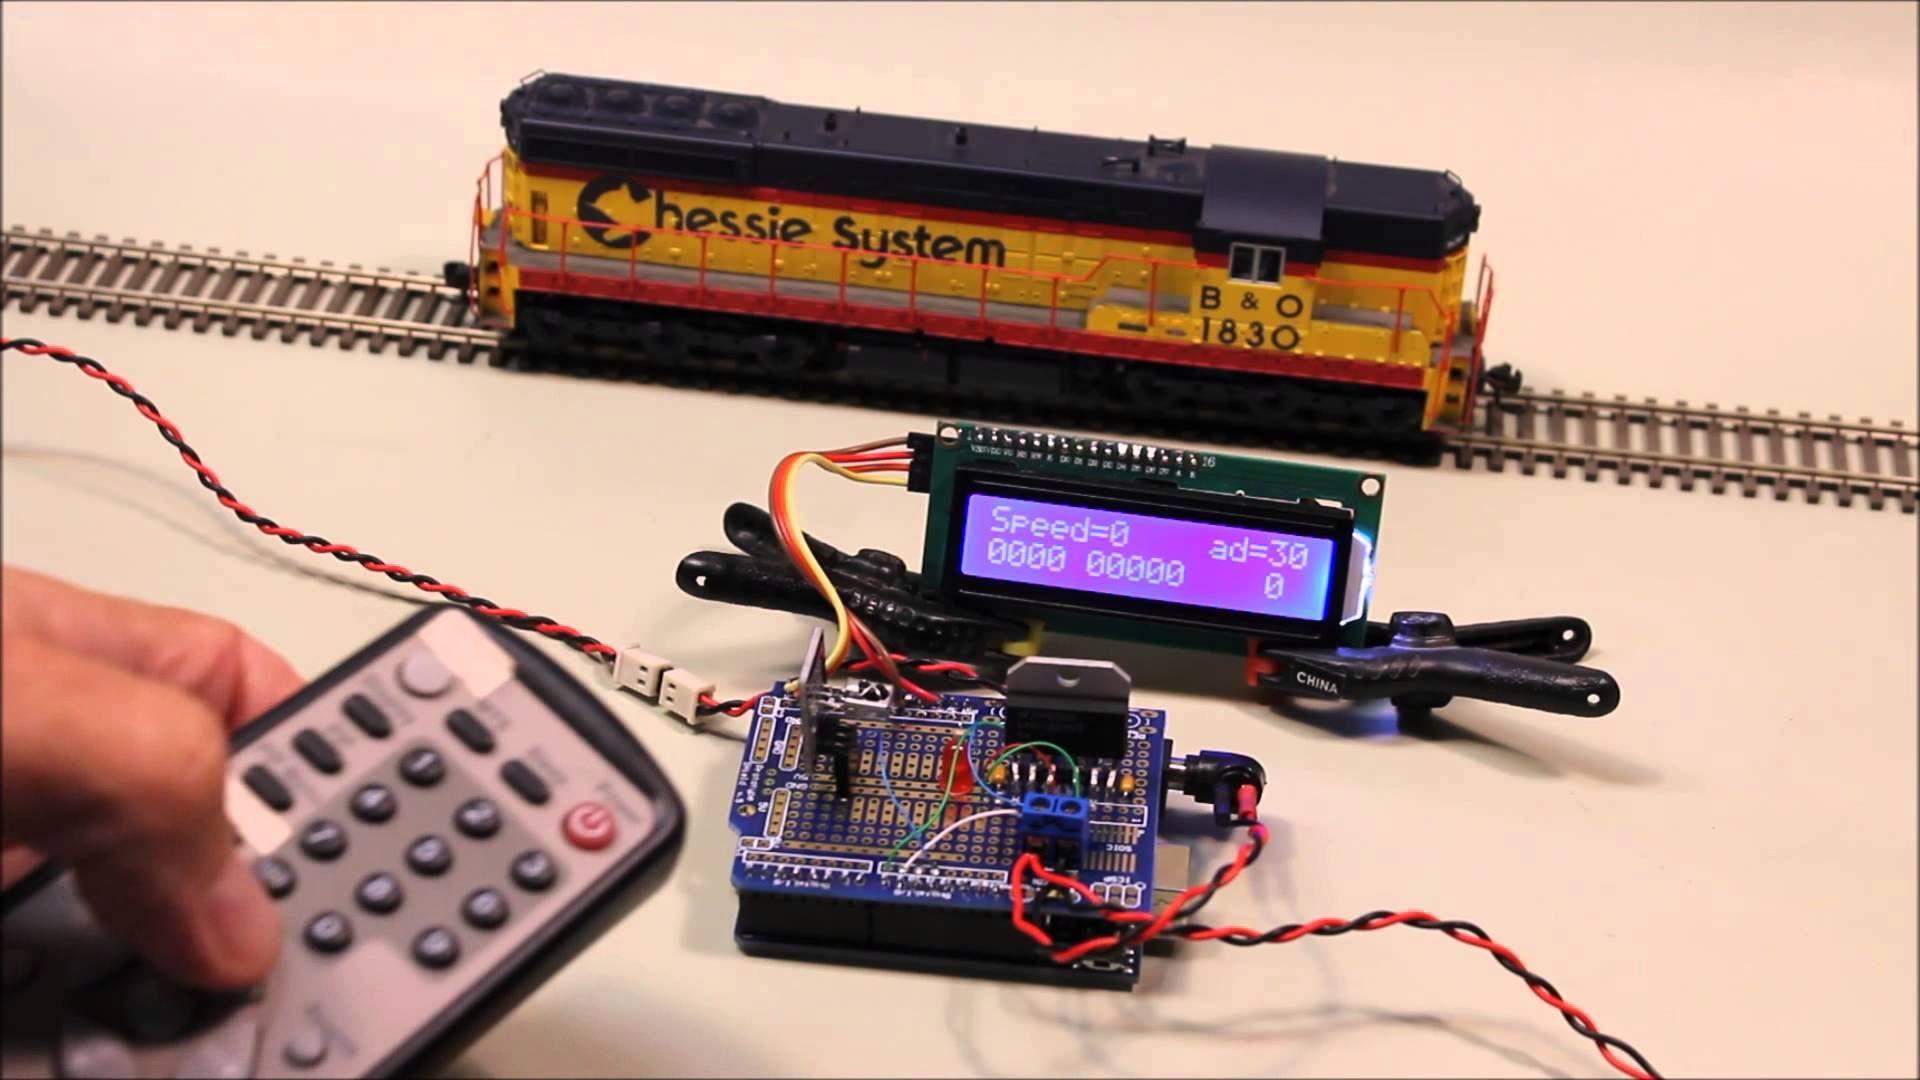 8b91f188ffa1227b145b5322a75d54e1 arduino dcc controller model railroading pinterest arduino  at edmiracle.co